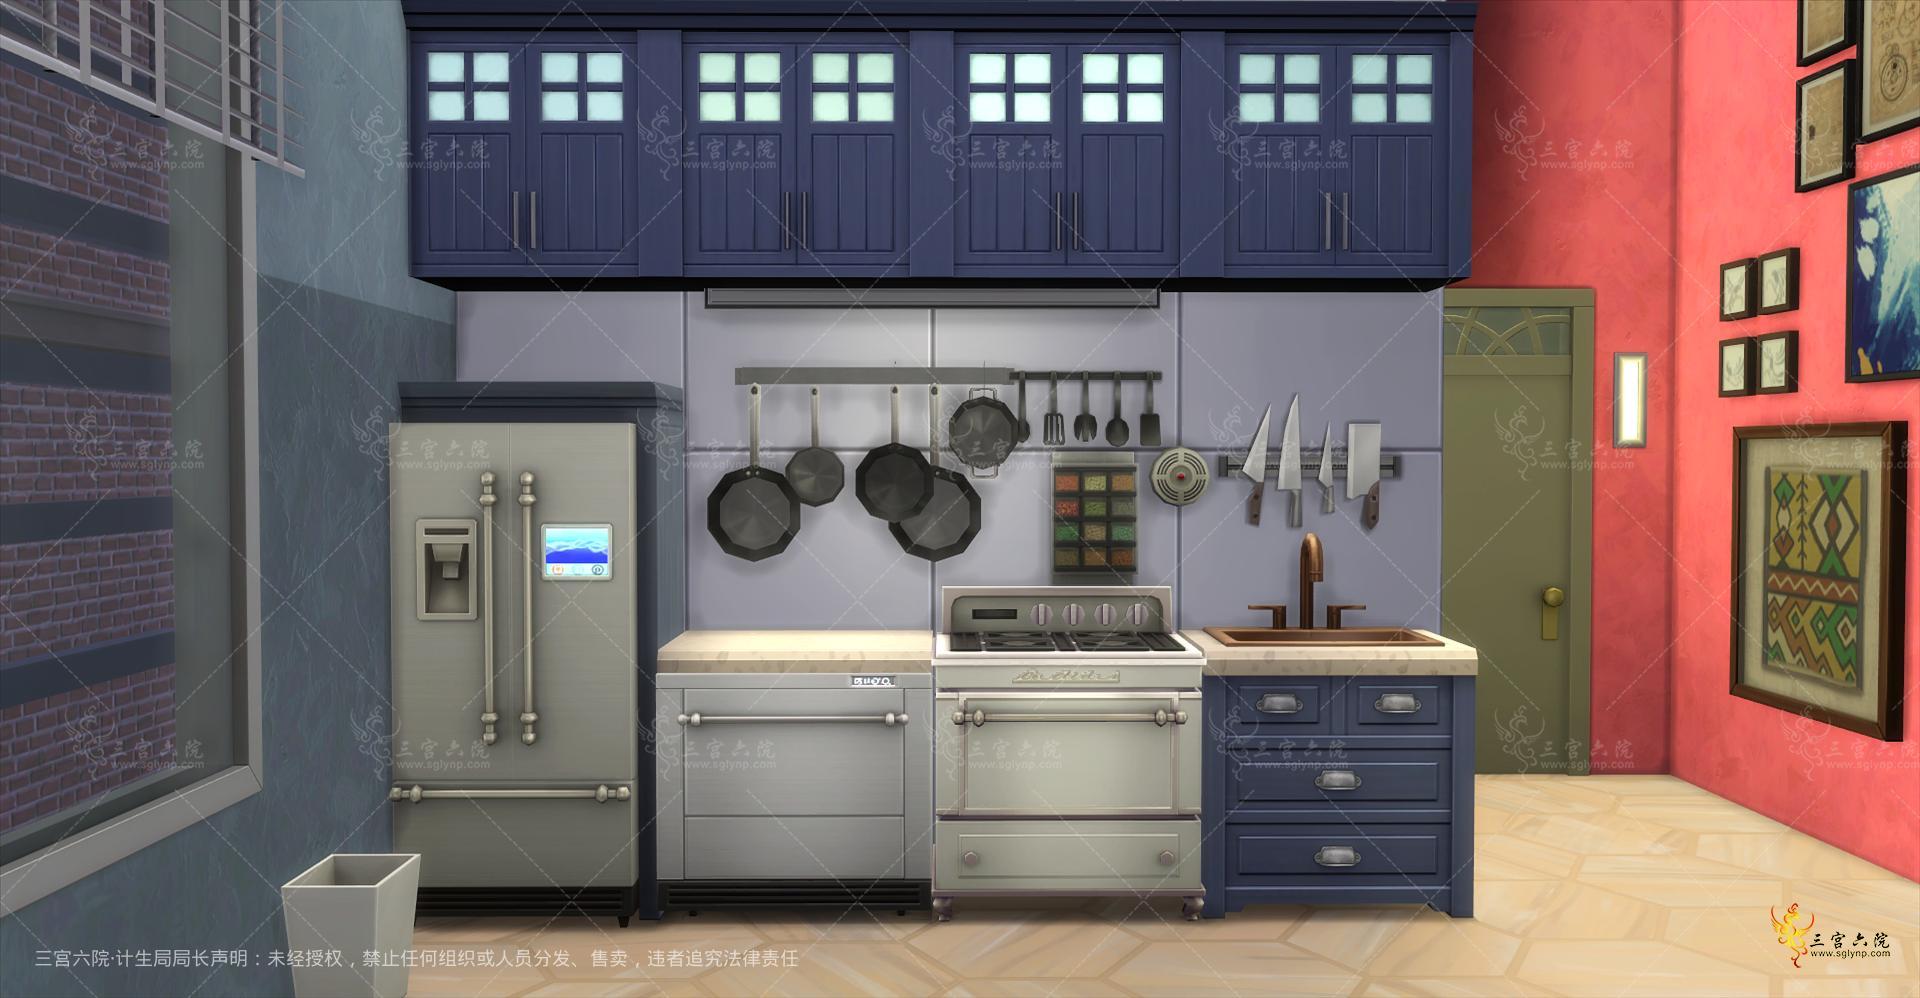 Sims 4 Screenshot 2021.08.23 - 09.44.06.21.png